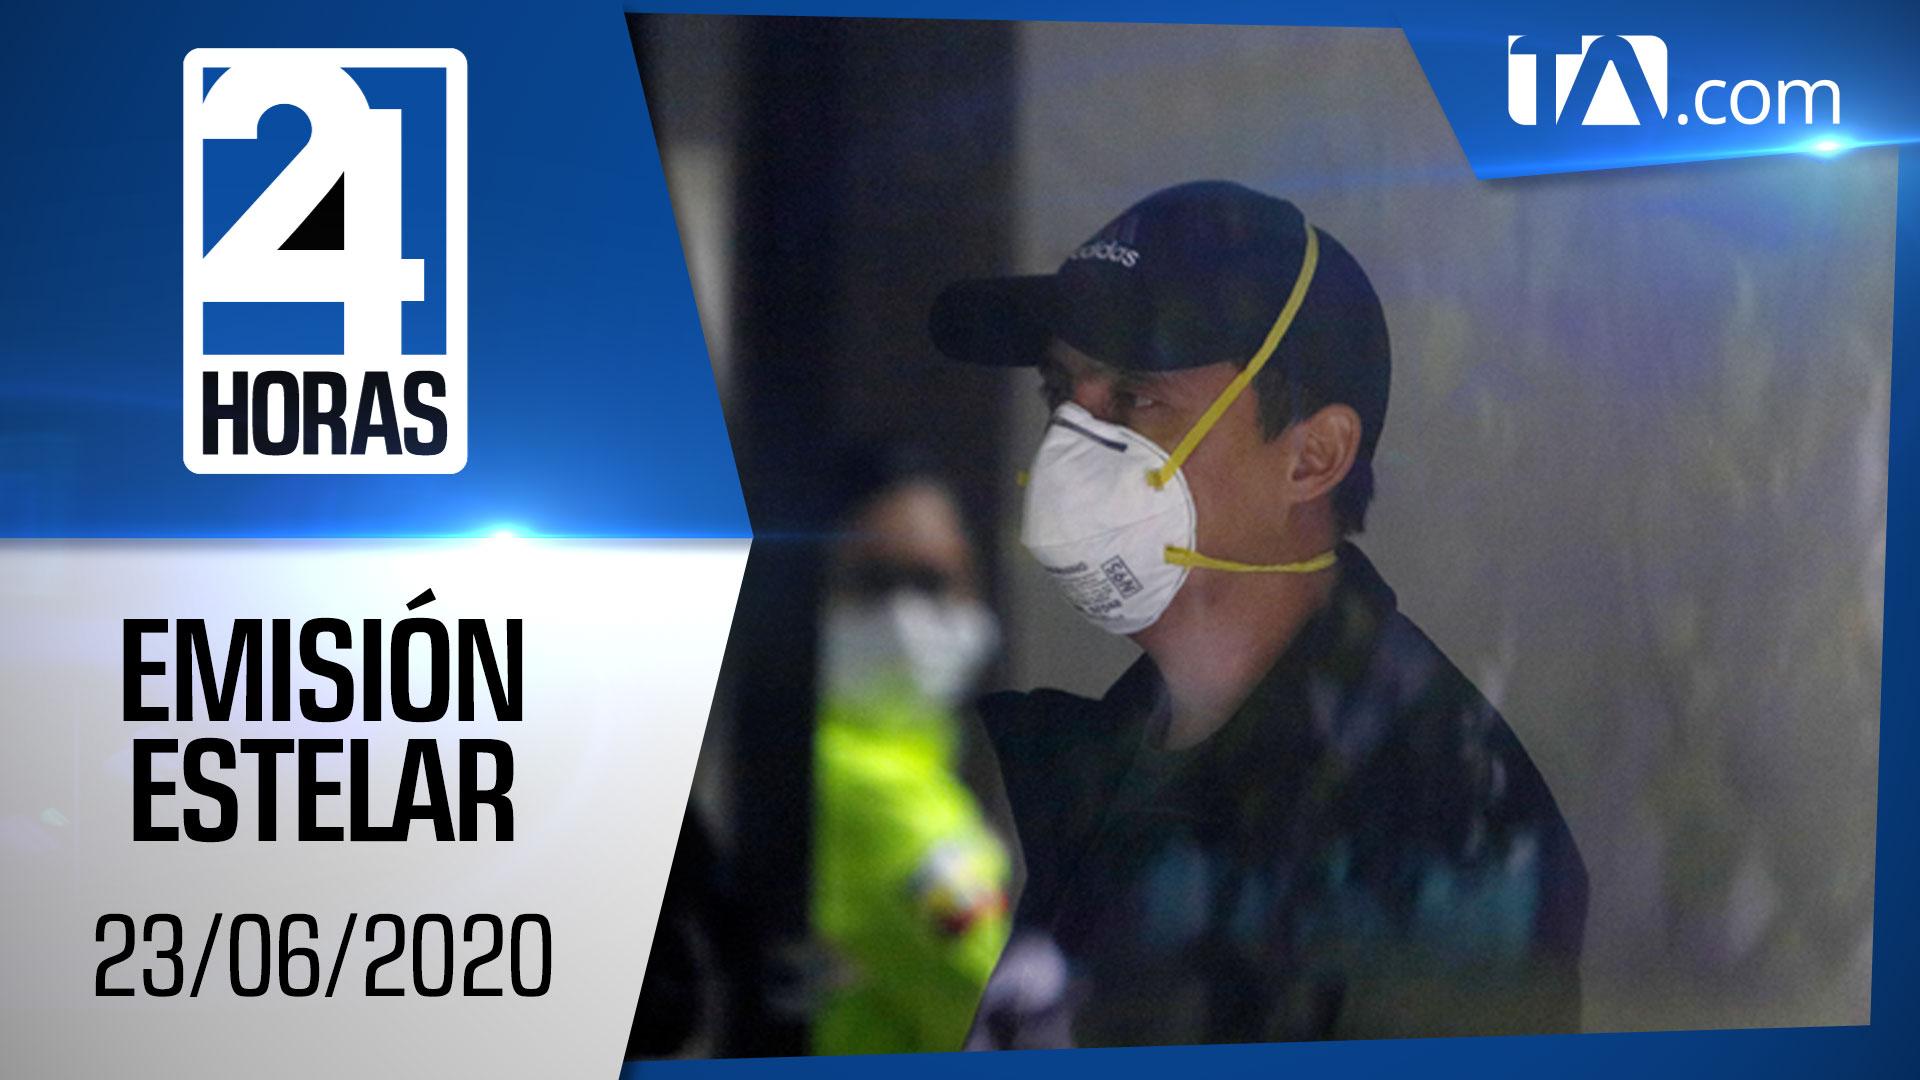 Noticias Ecuador: Noticiero 24 Horas, 23/06/2020 (Emisión Estelar)